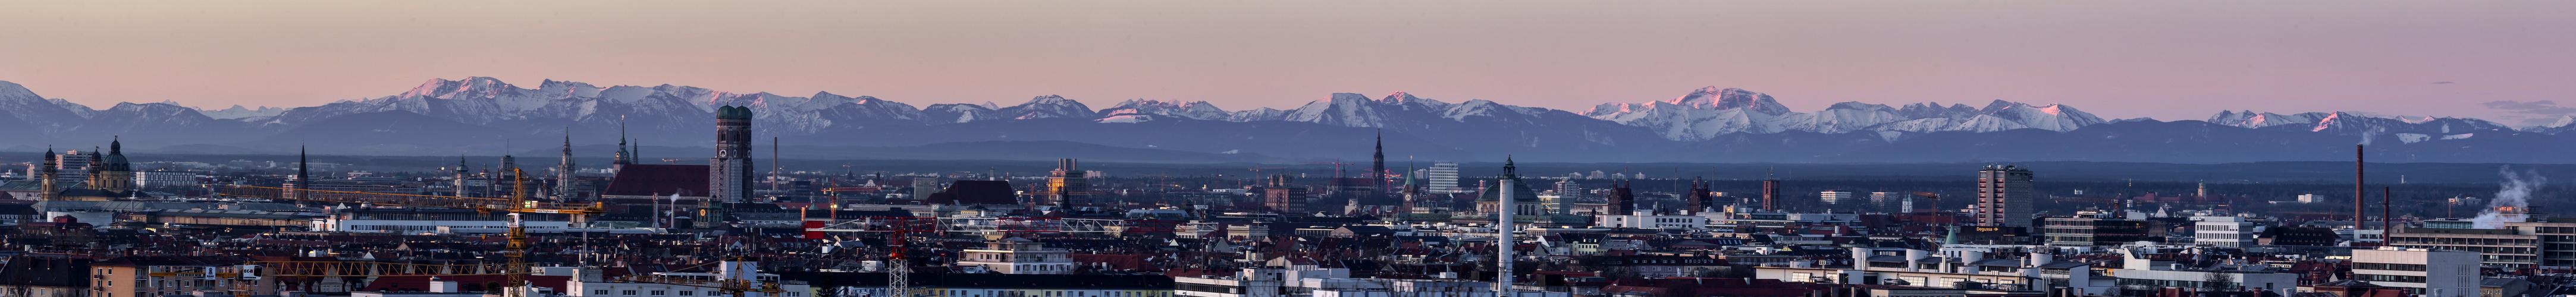 München kurz vor Sonnenaufgang 1. Teil des Panoramas